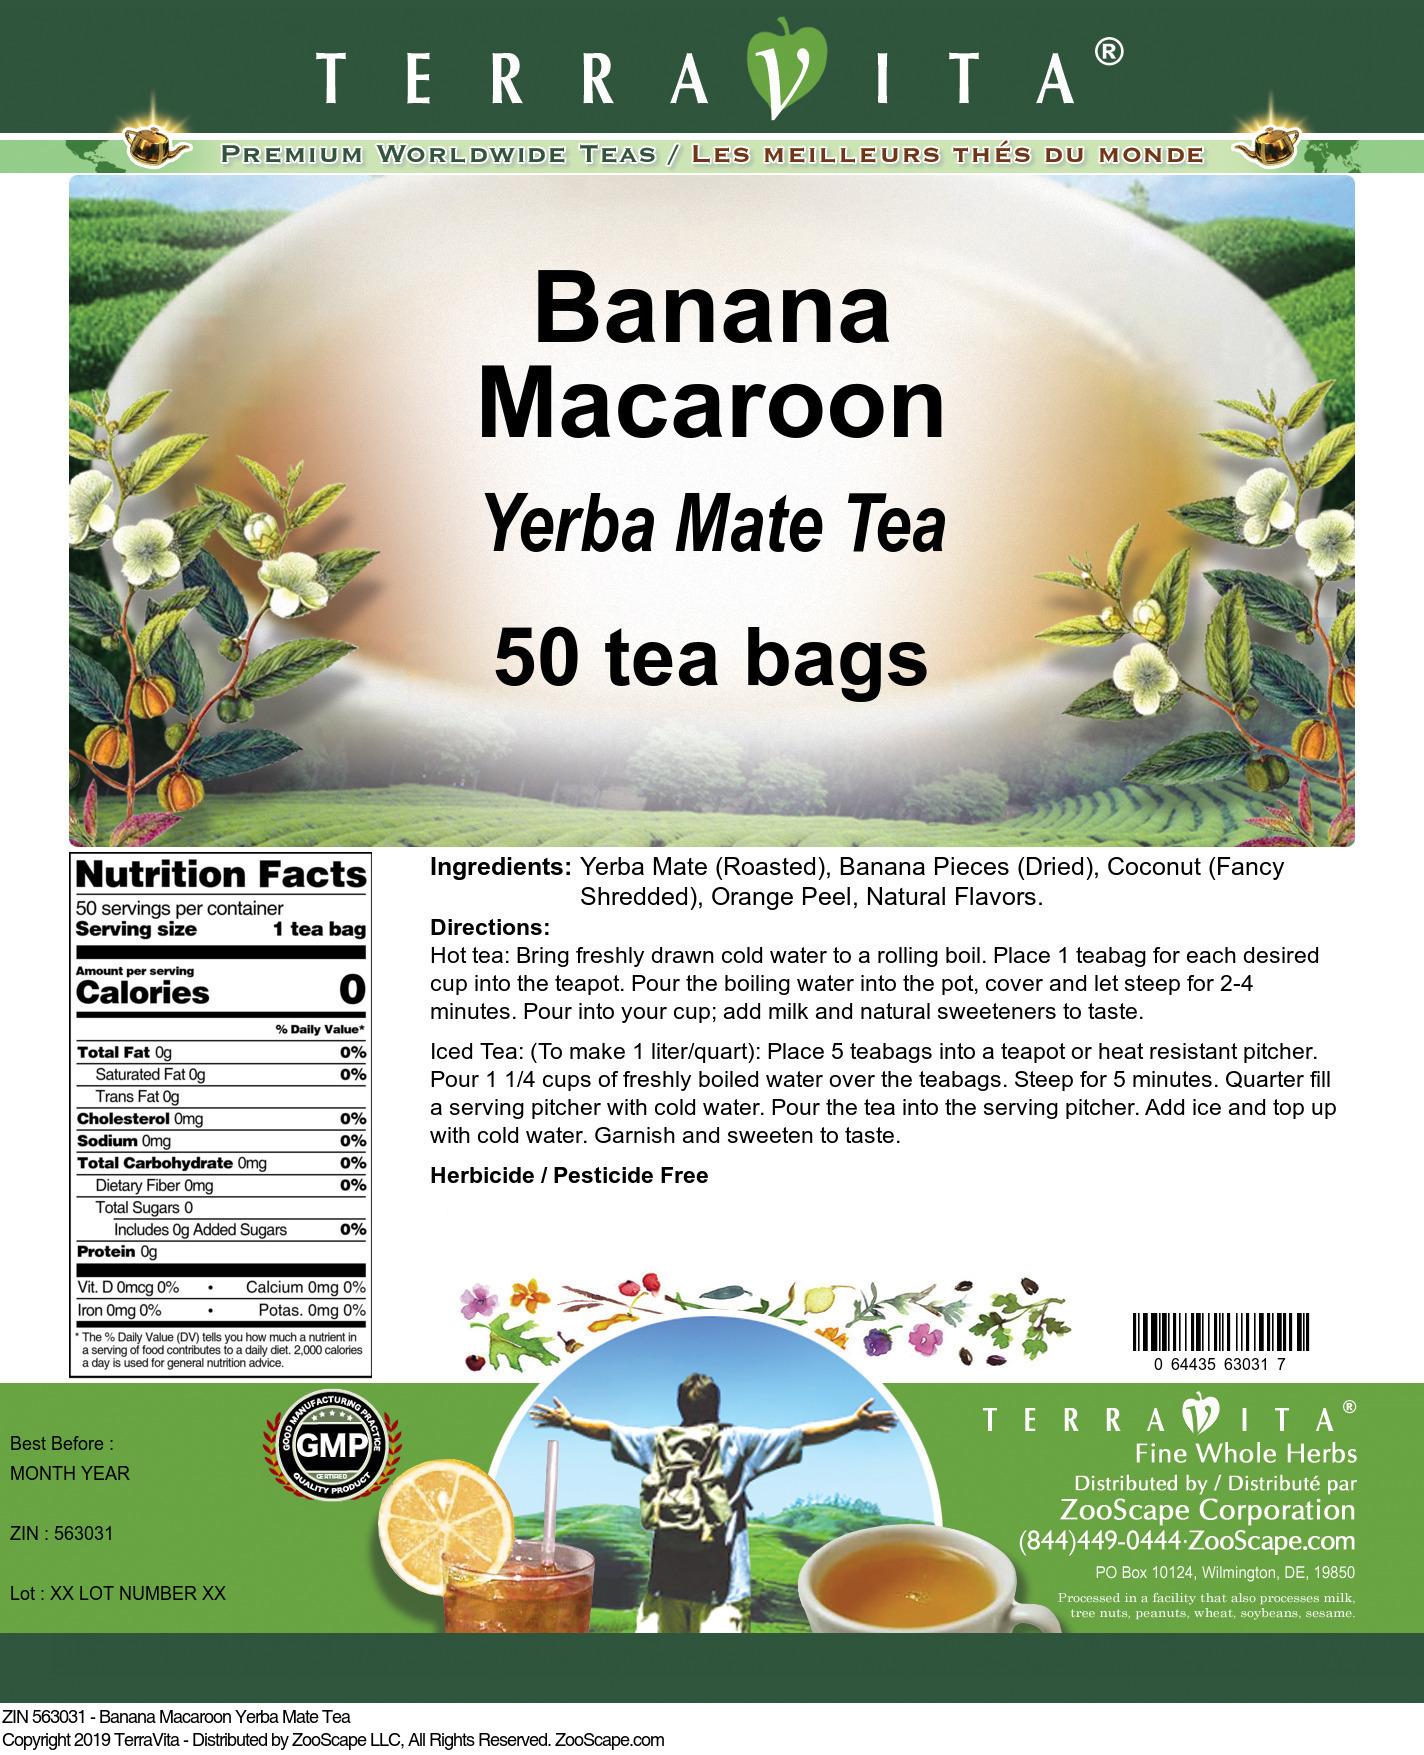 Banana Macaroon Yerba Mate Tea